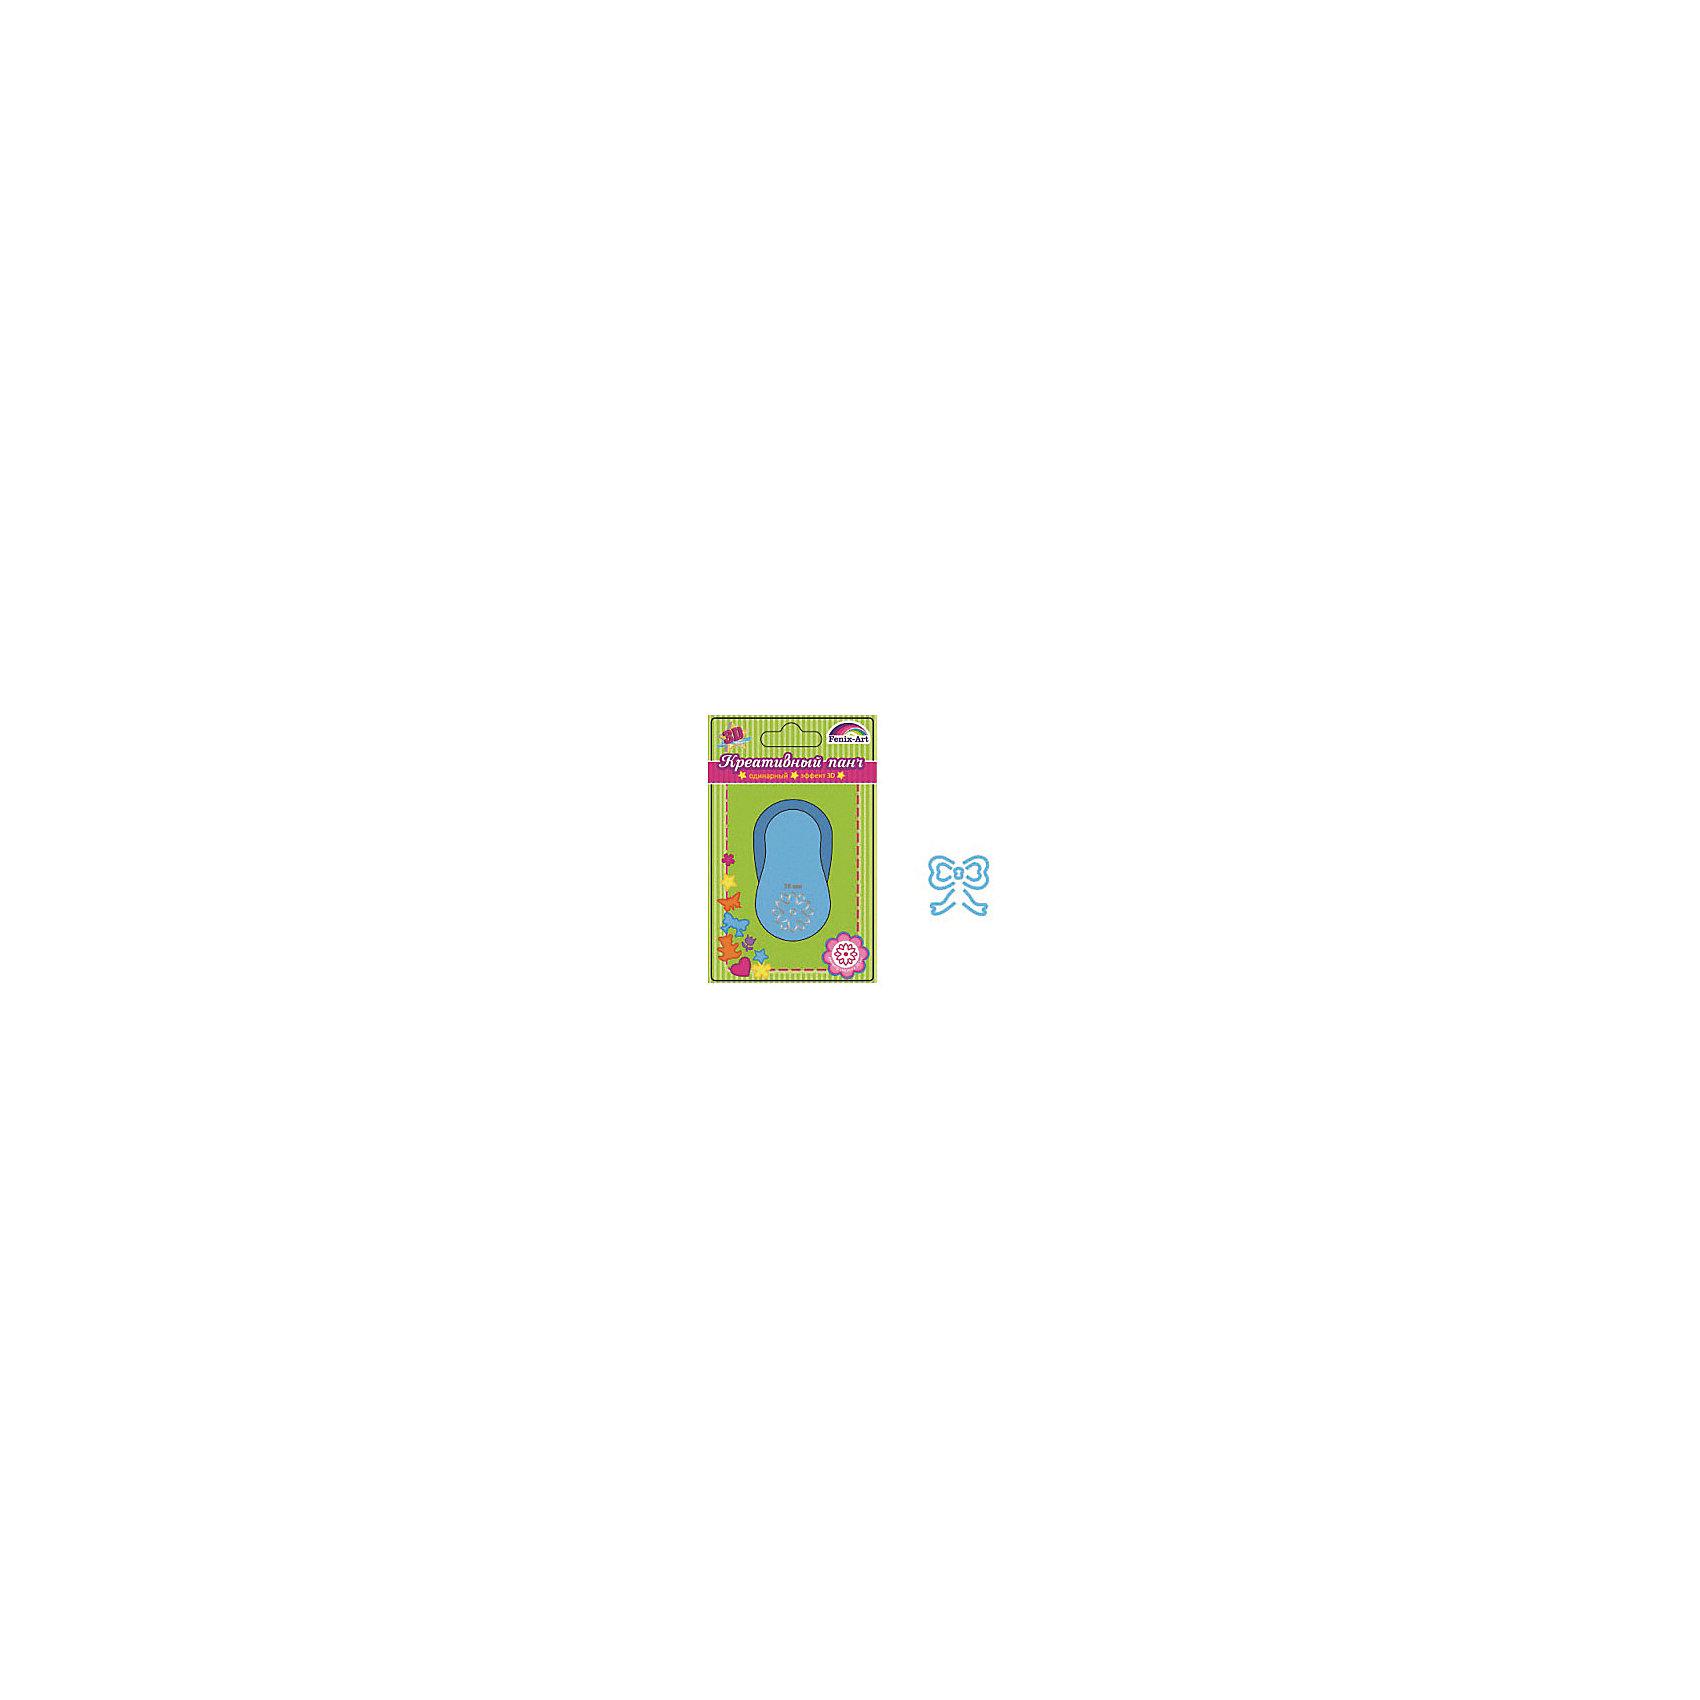 Панч-дырокол одинарный 38 мм Бантик Феникс+Бумага<br>Панч-дырокол одинарный БАНТИК/38 (размер рисунка 38мм, размер панча 73х45х57, эффект 3D, голубой цвет, в блистере)<br><br>Ширина мм: 160<br>Глубина мм: 100<br>Высота мм: 75<br>Вес г: 215<br>Возраст от месяцев: 72<br>Возраст до месяцев: 2147483647<br>Пол: Унисекс<br>Возраст: Детский<br>SKU: 7046281